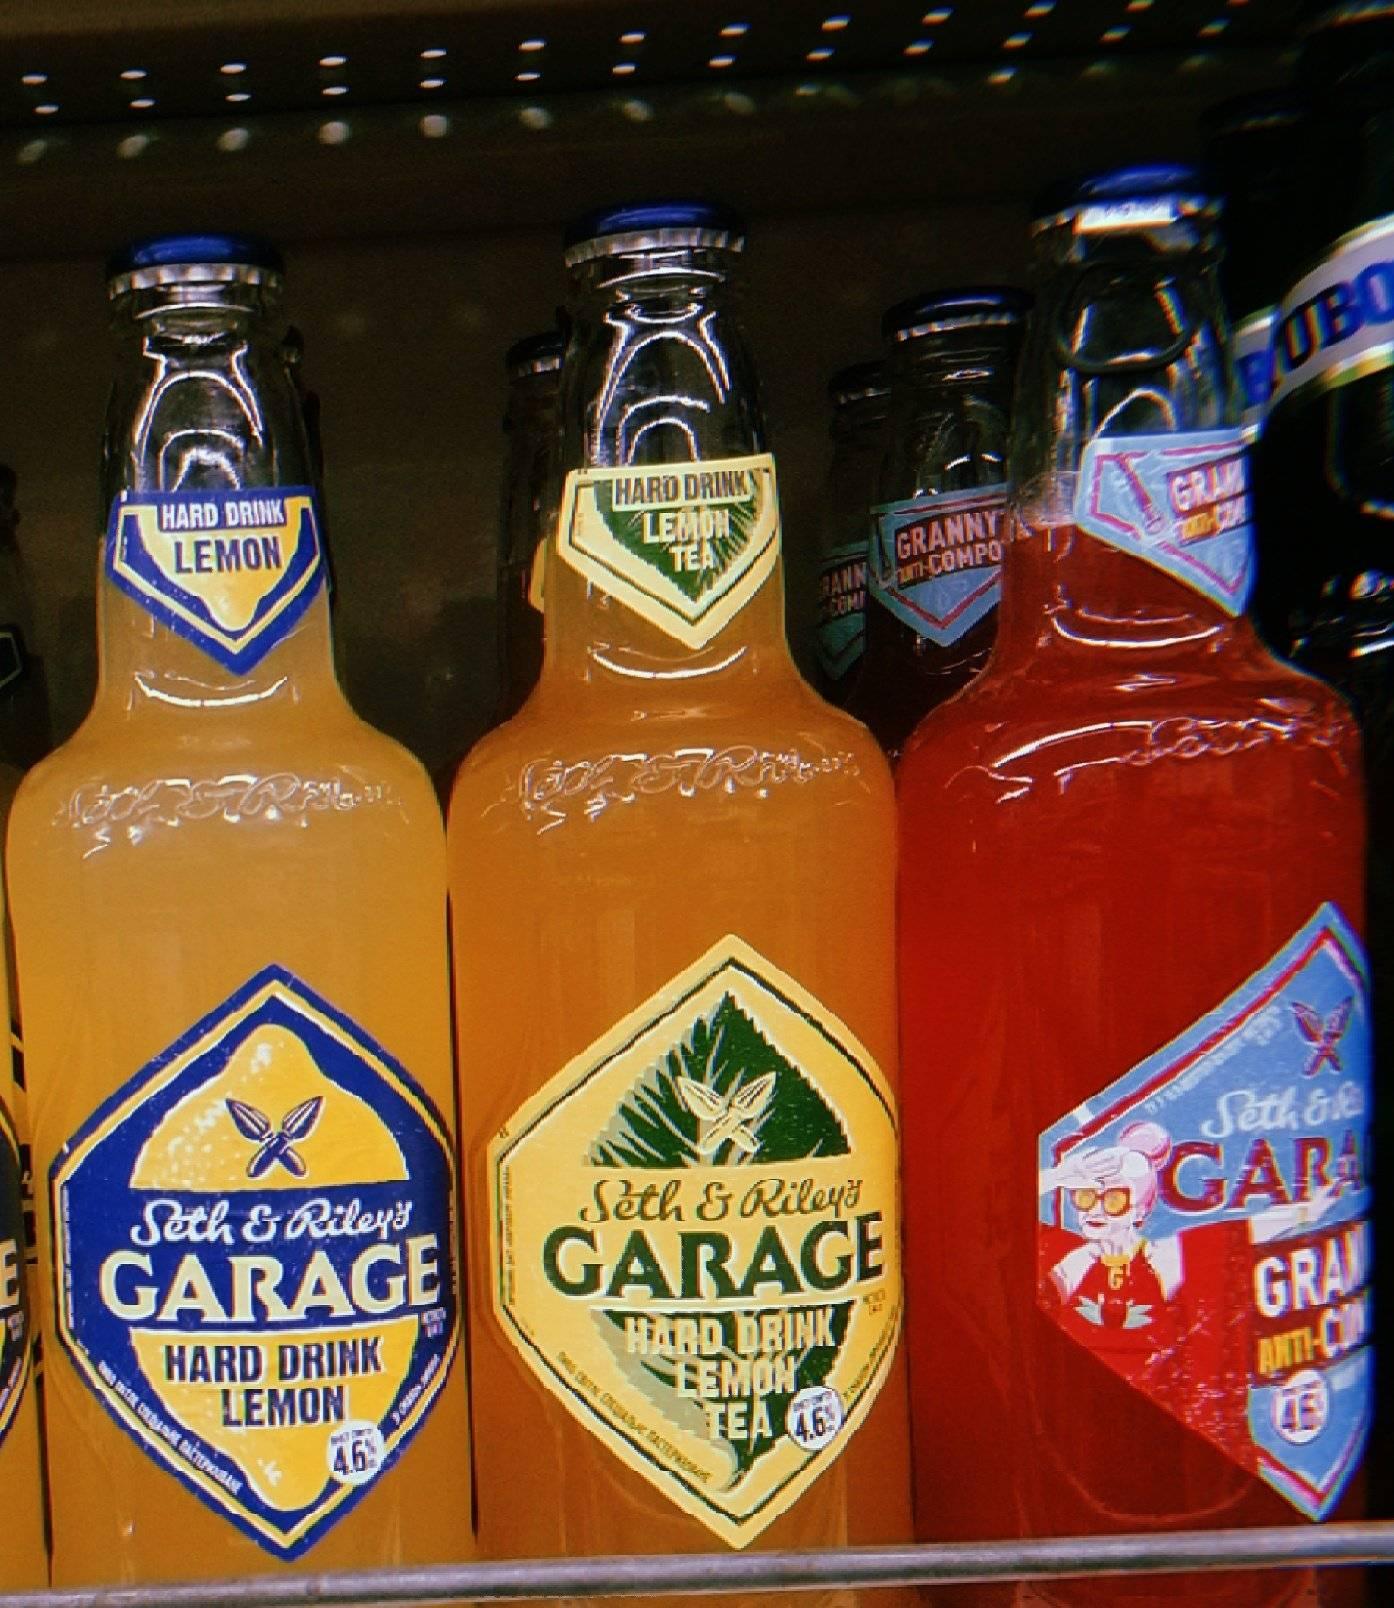 Пиво гараж: состав,особенности, новые вкусы, цена, производитель